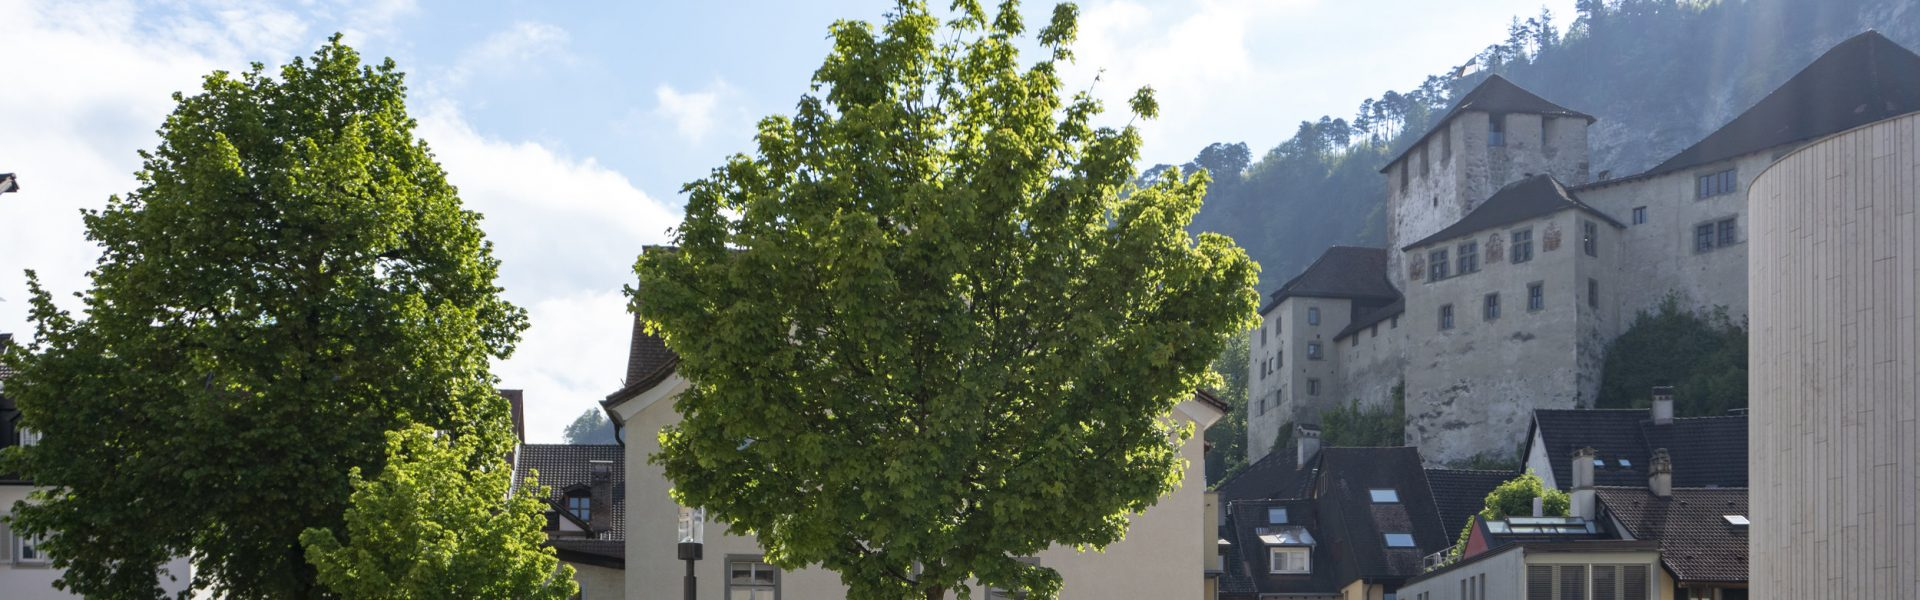 Feldkirch Innenstadt Blick auf Schattenburg © Agnes Ammann / Vorarlberg Tourismus